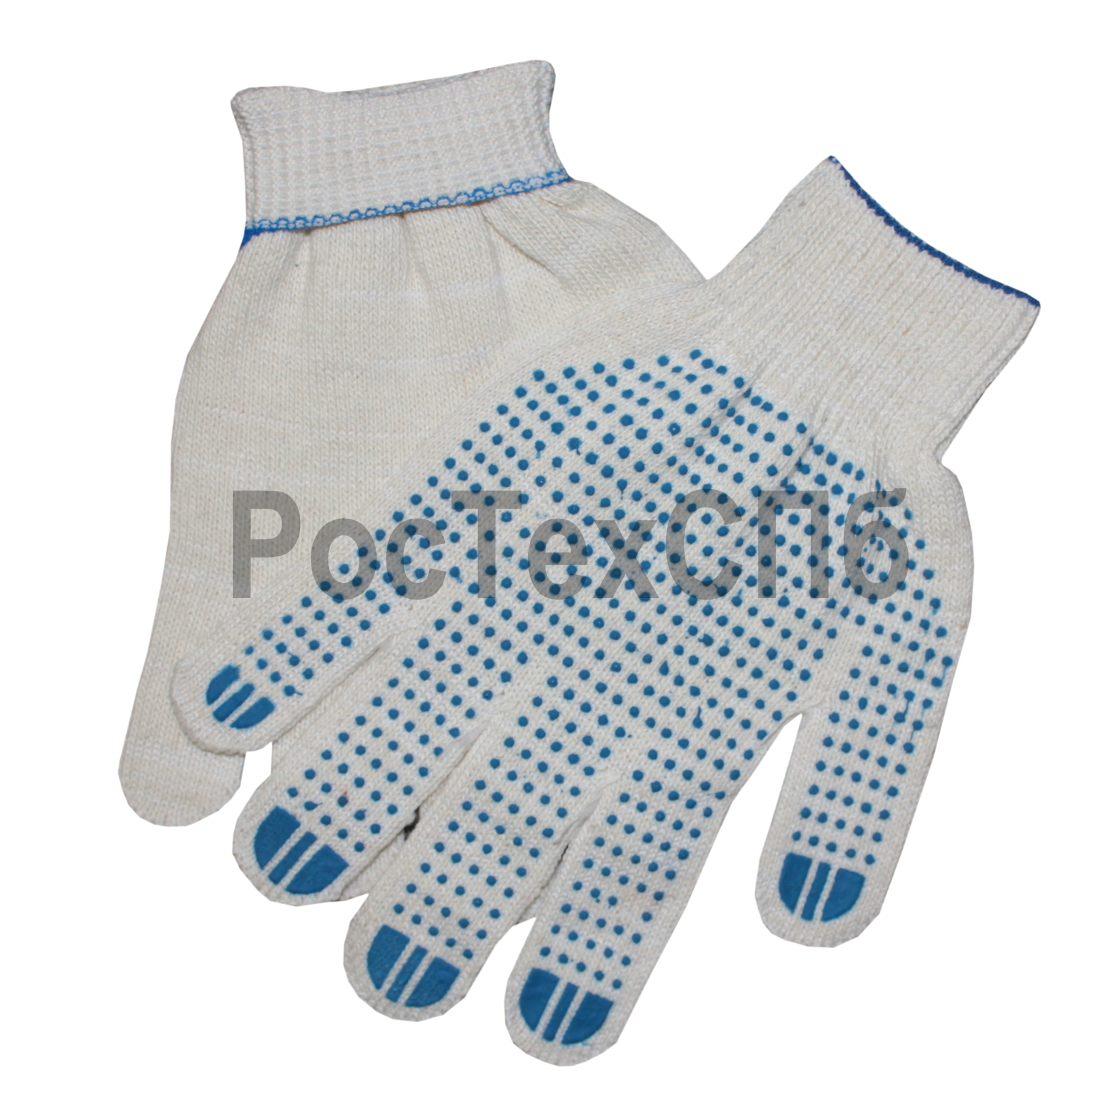 Перчатки хб с пвх 5 нитей 10 кл 1014